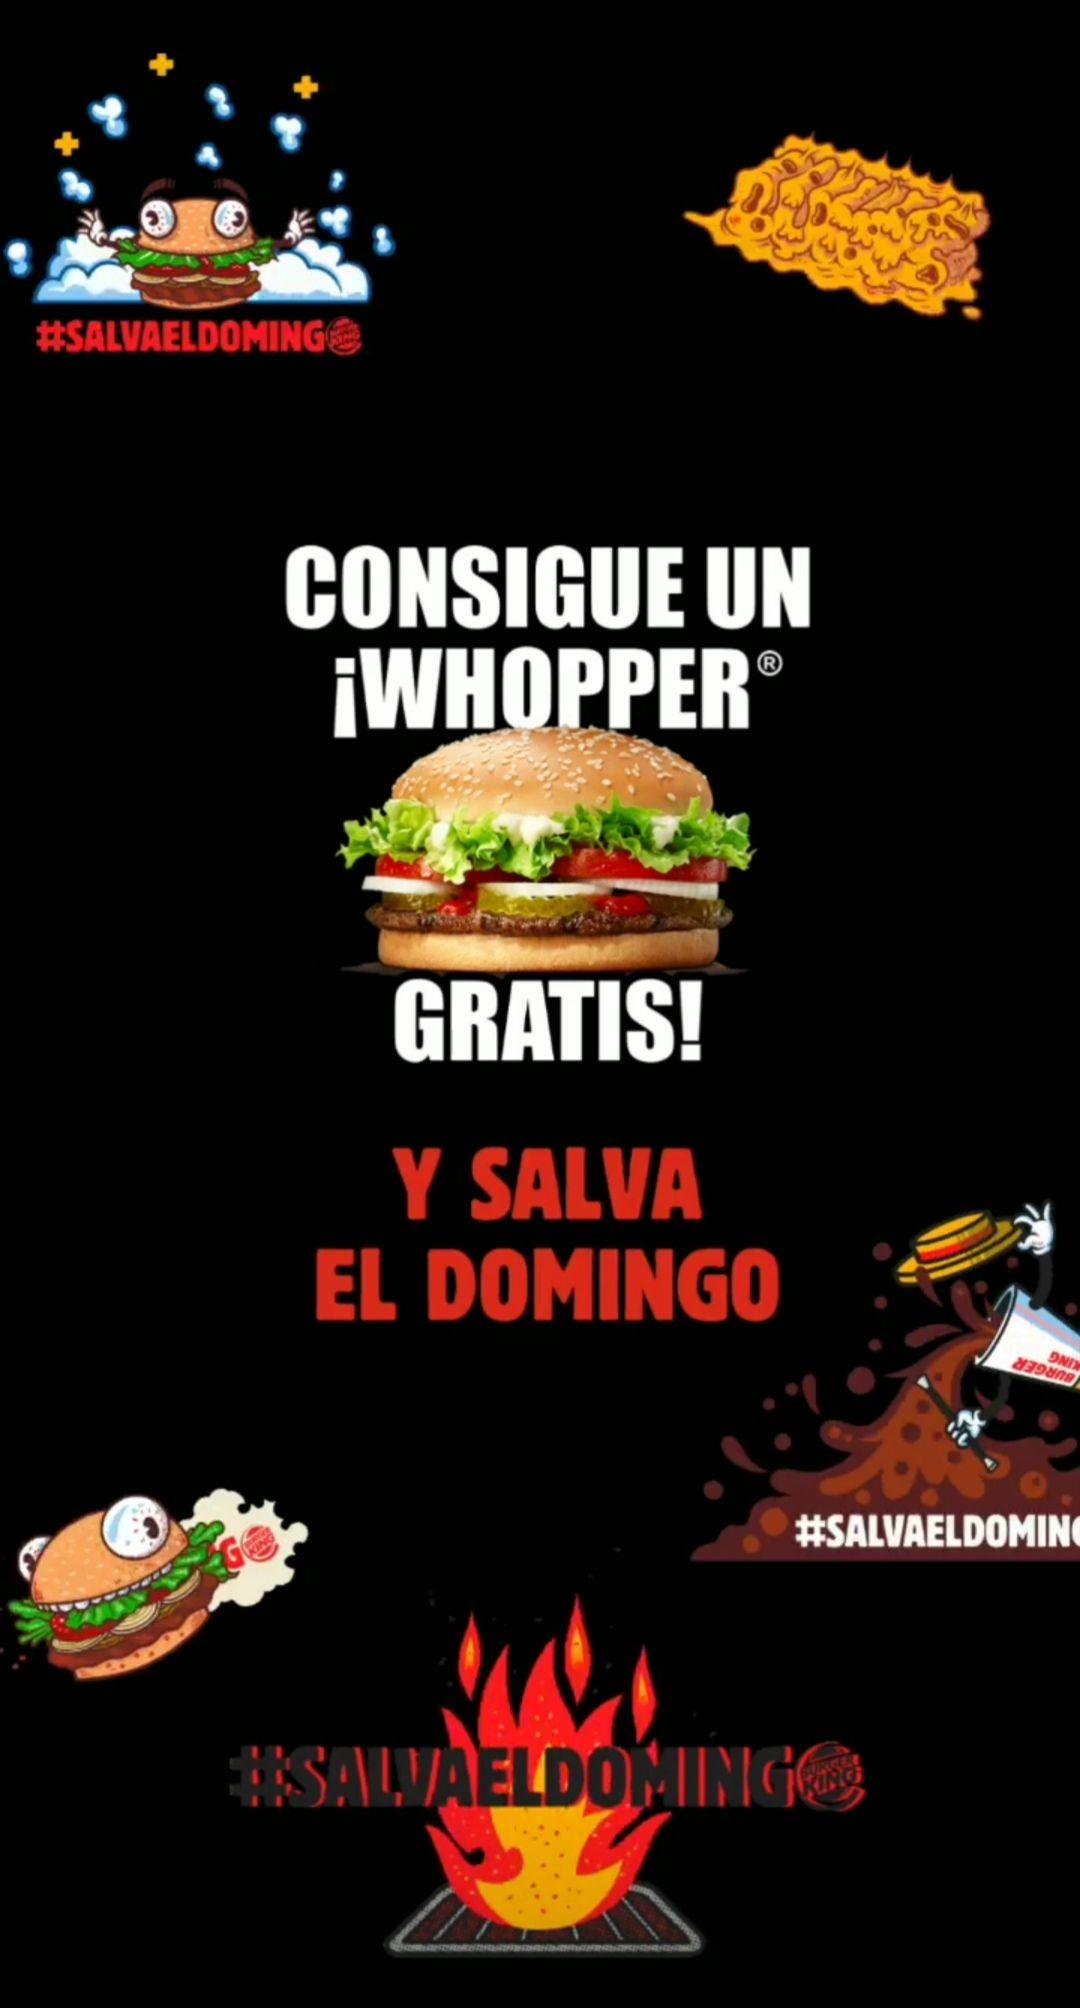 Whopper GRATIS!!! #Salvaeldomingo